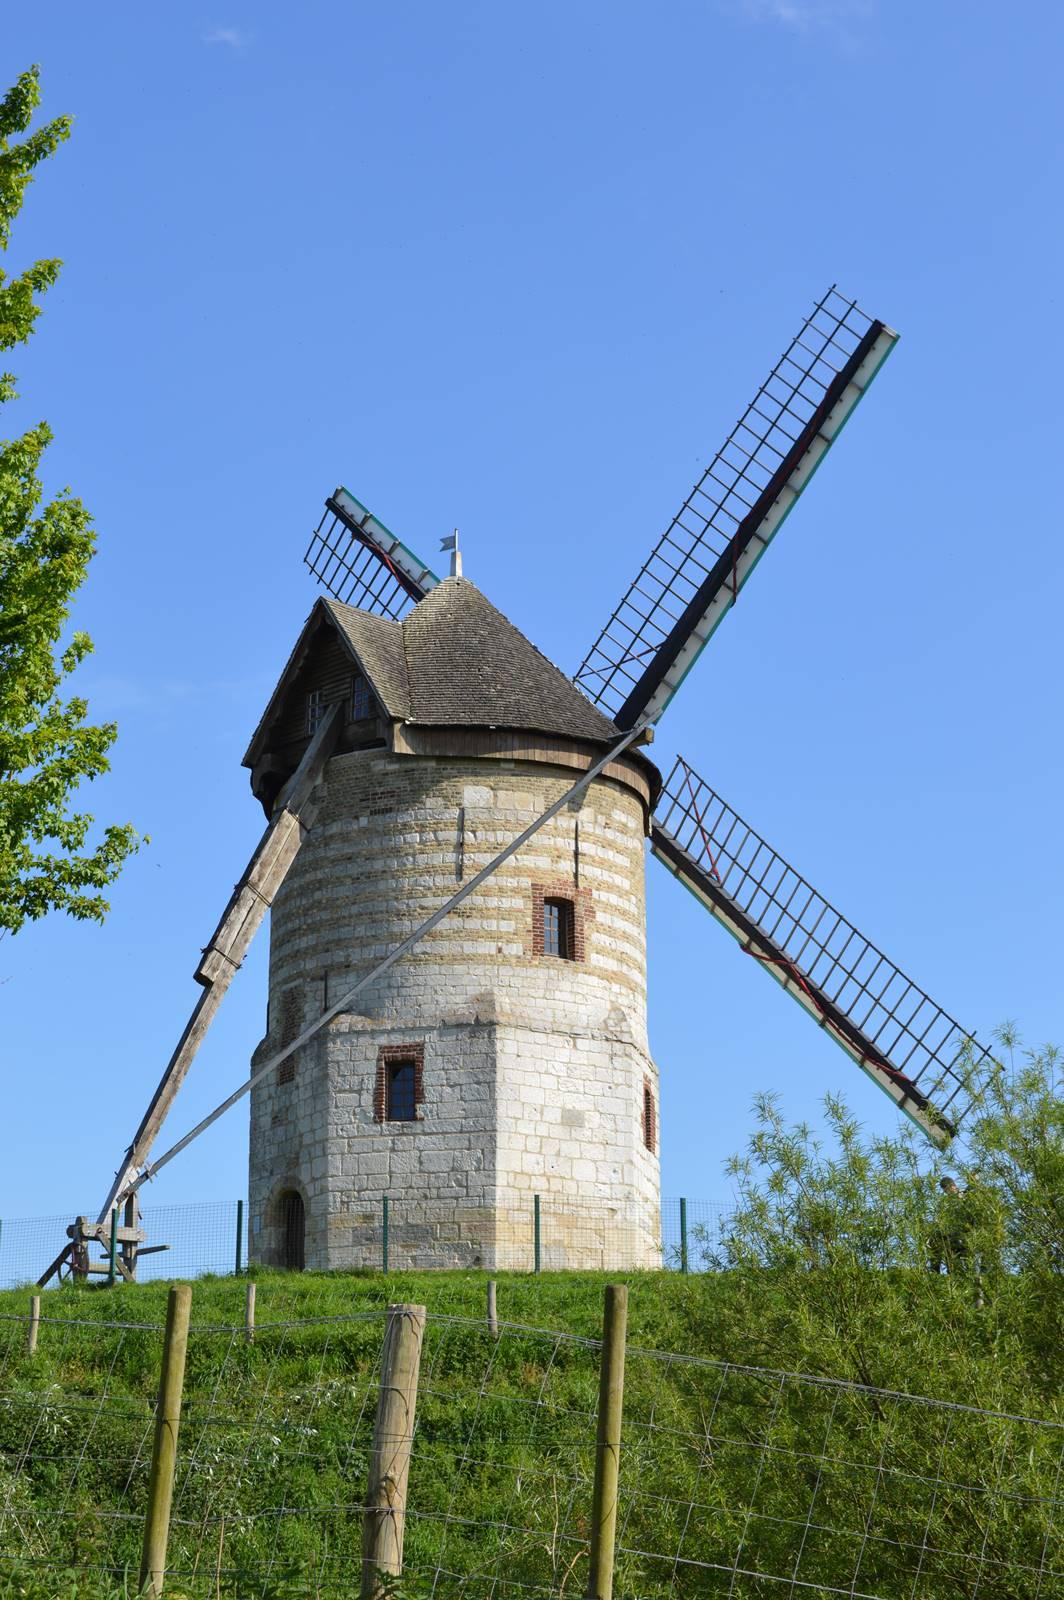 moulin-montagne-watten (1).jpg